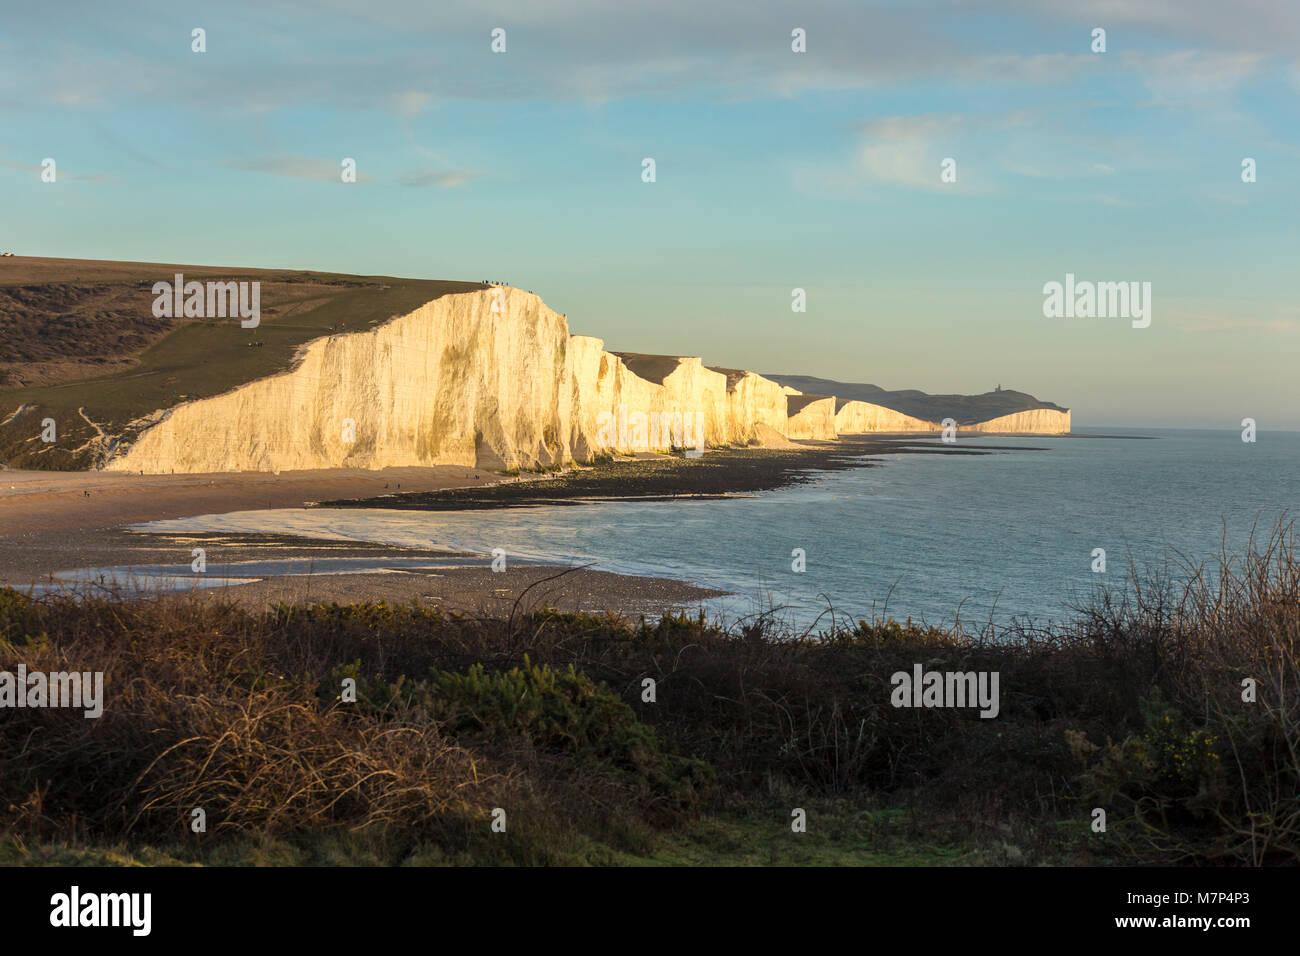 Le sette sorelle è una serie di chalk cliffs dal canale inglese. Essi fanno parte del South Downs in East Sussex. Immagini Stock